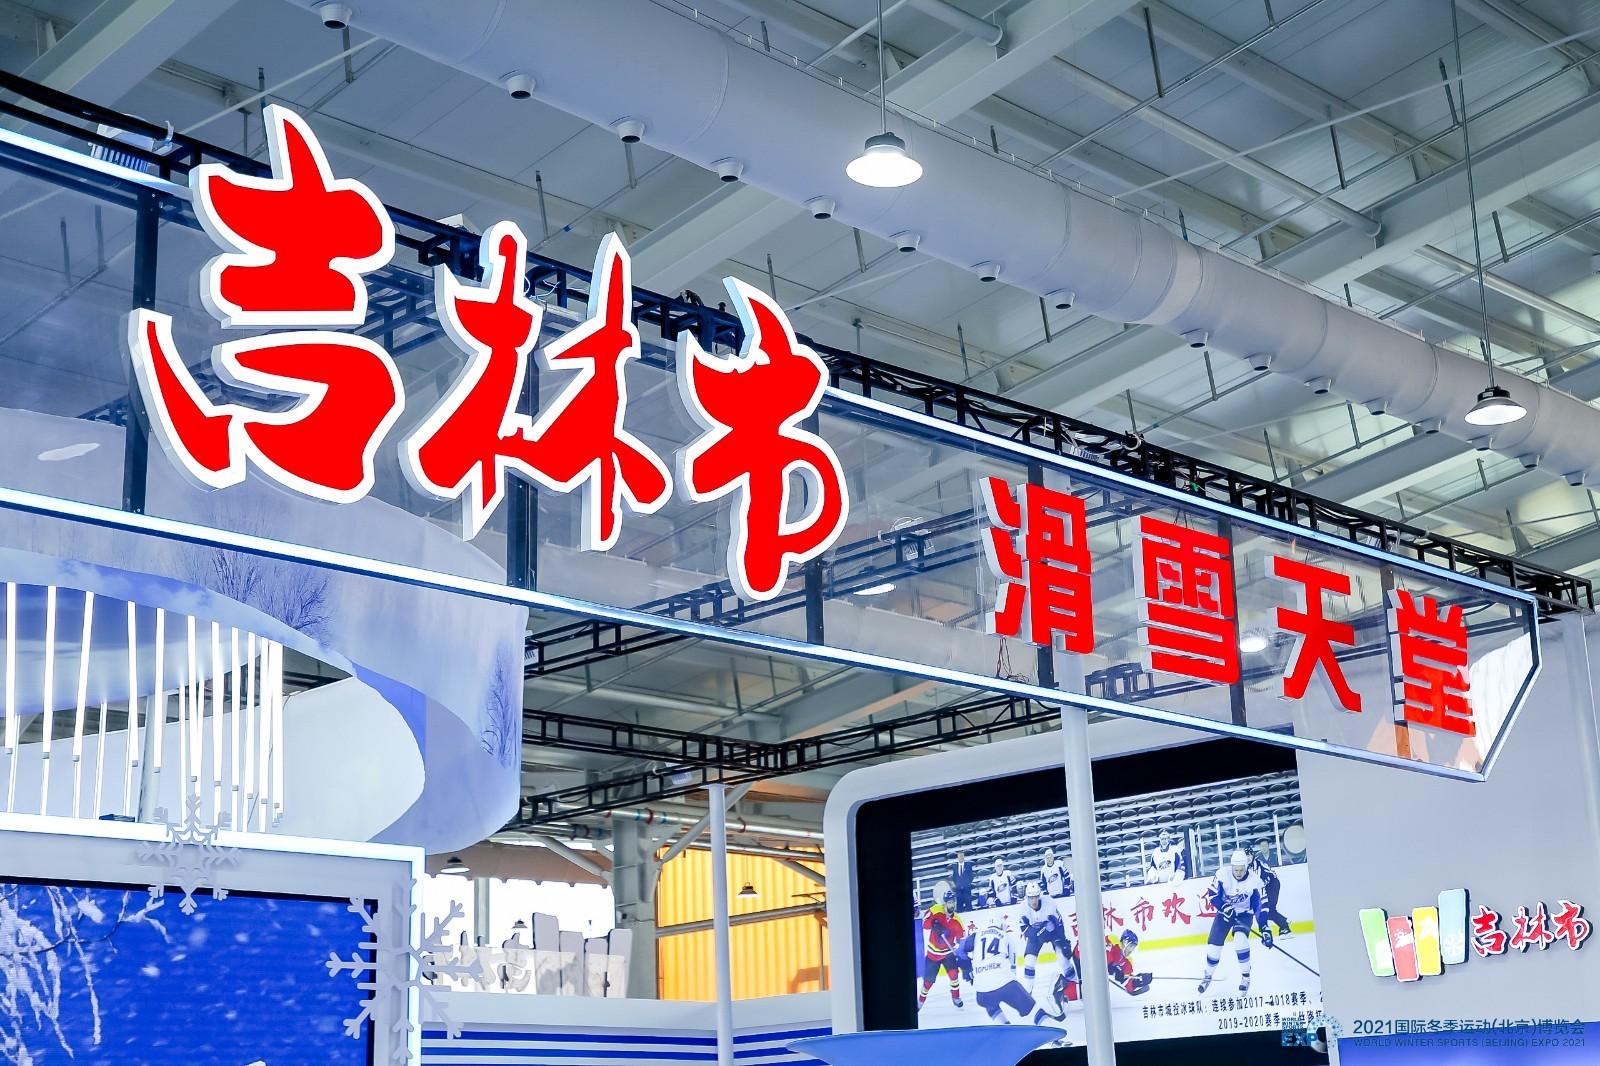 吉林市2020-21雪季旅游收入超310亿 北大湖松花湖收入涨18%